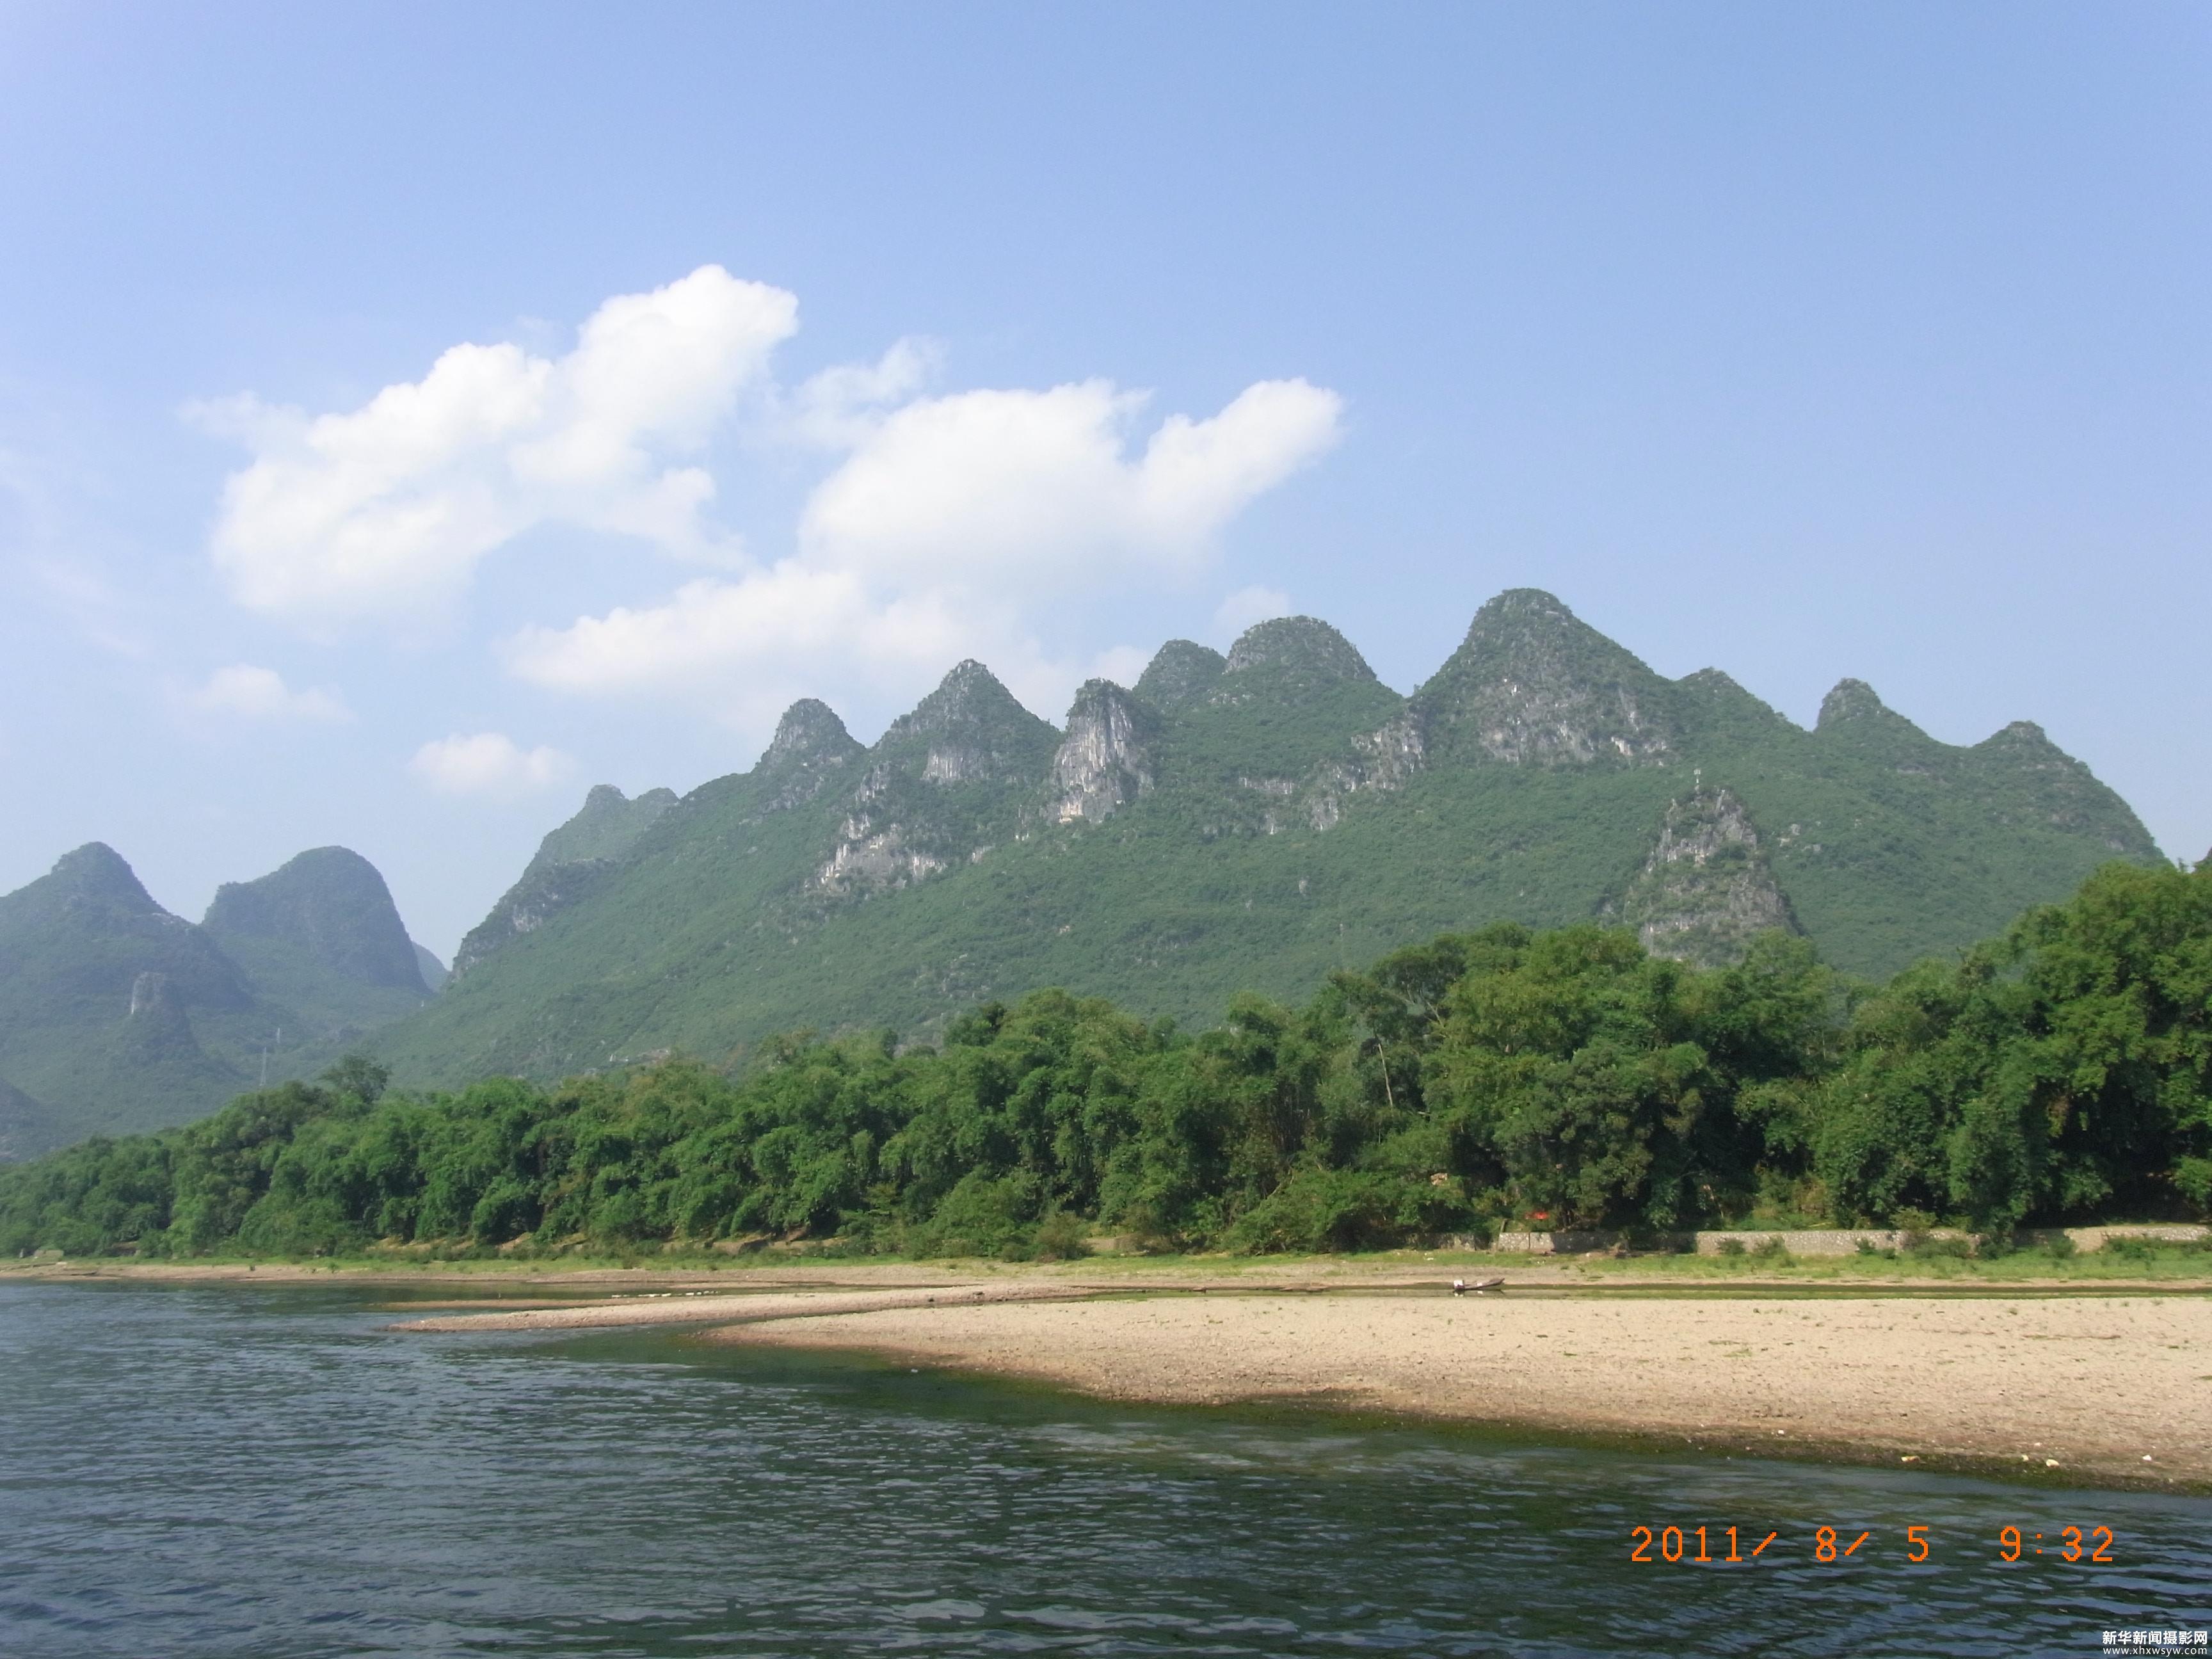 王正霖的相册 - 桂林山水